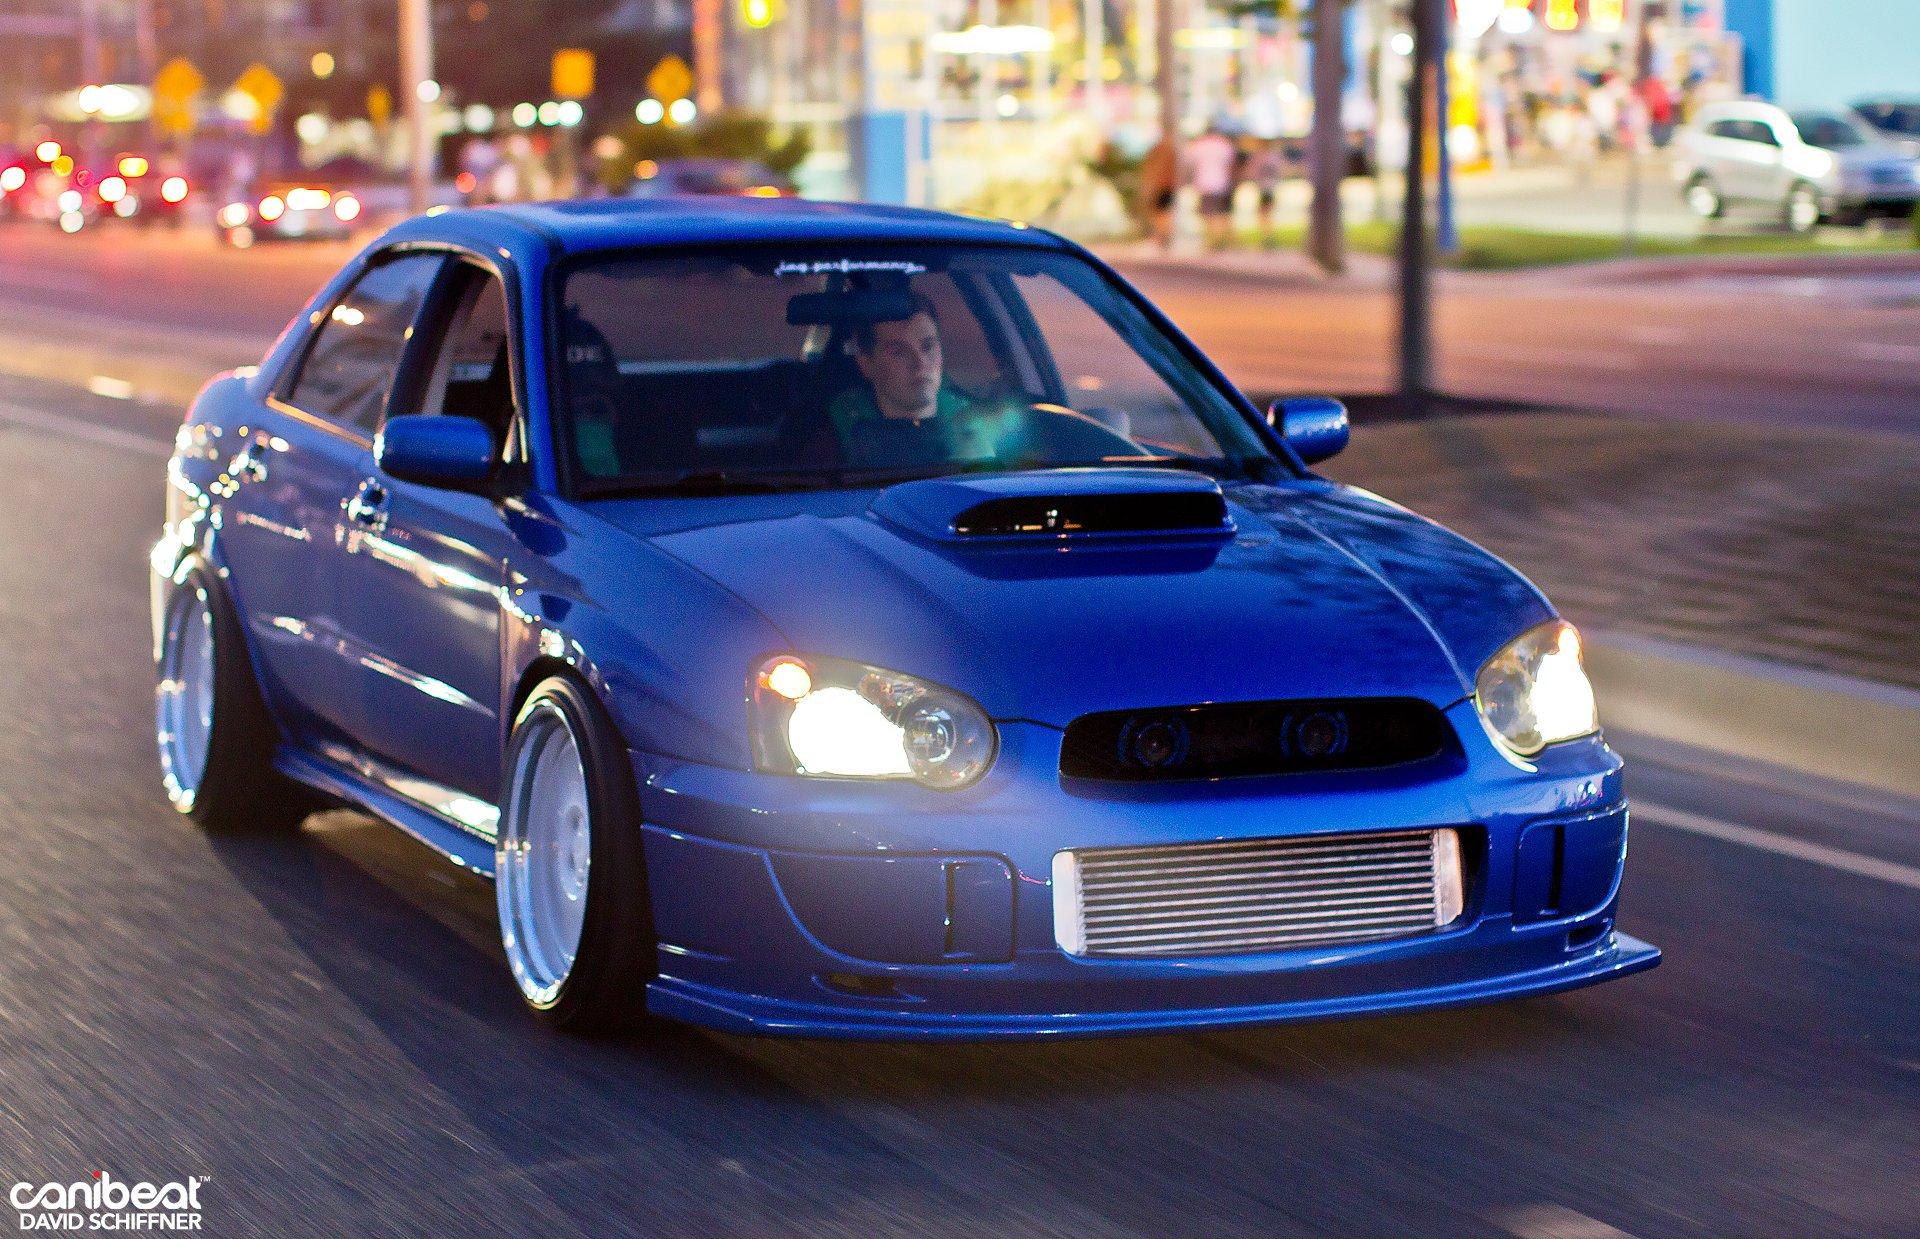 Custom Subaru Emblem >> 2005 Subaru STI tuning custom wallpaper   1920x1239   719245   WallpaperUP